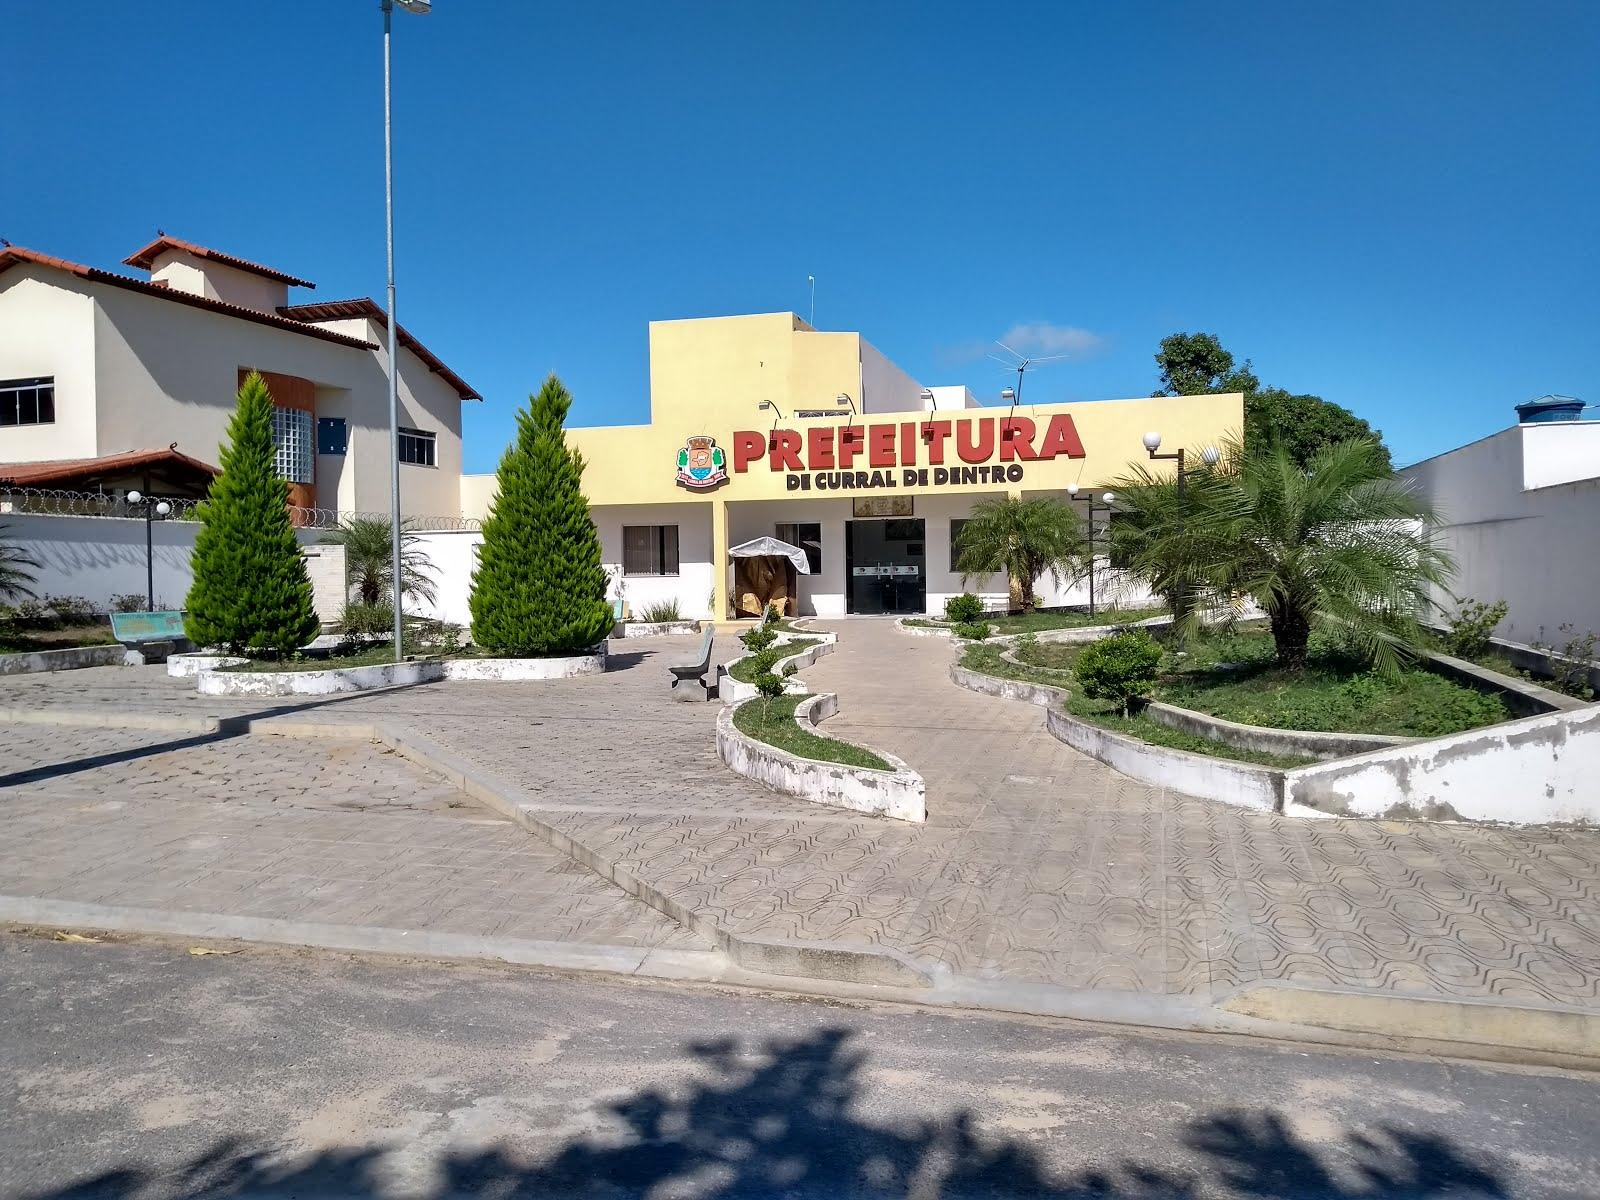 Visite Minas - Curral de Dentro MG